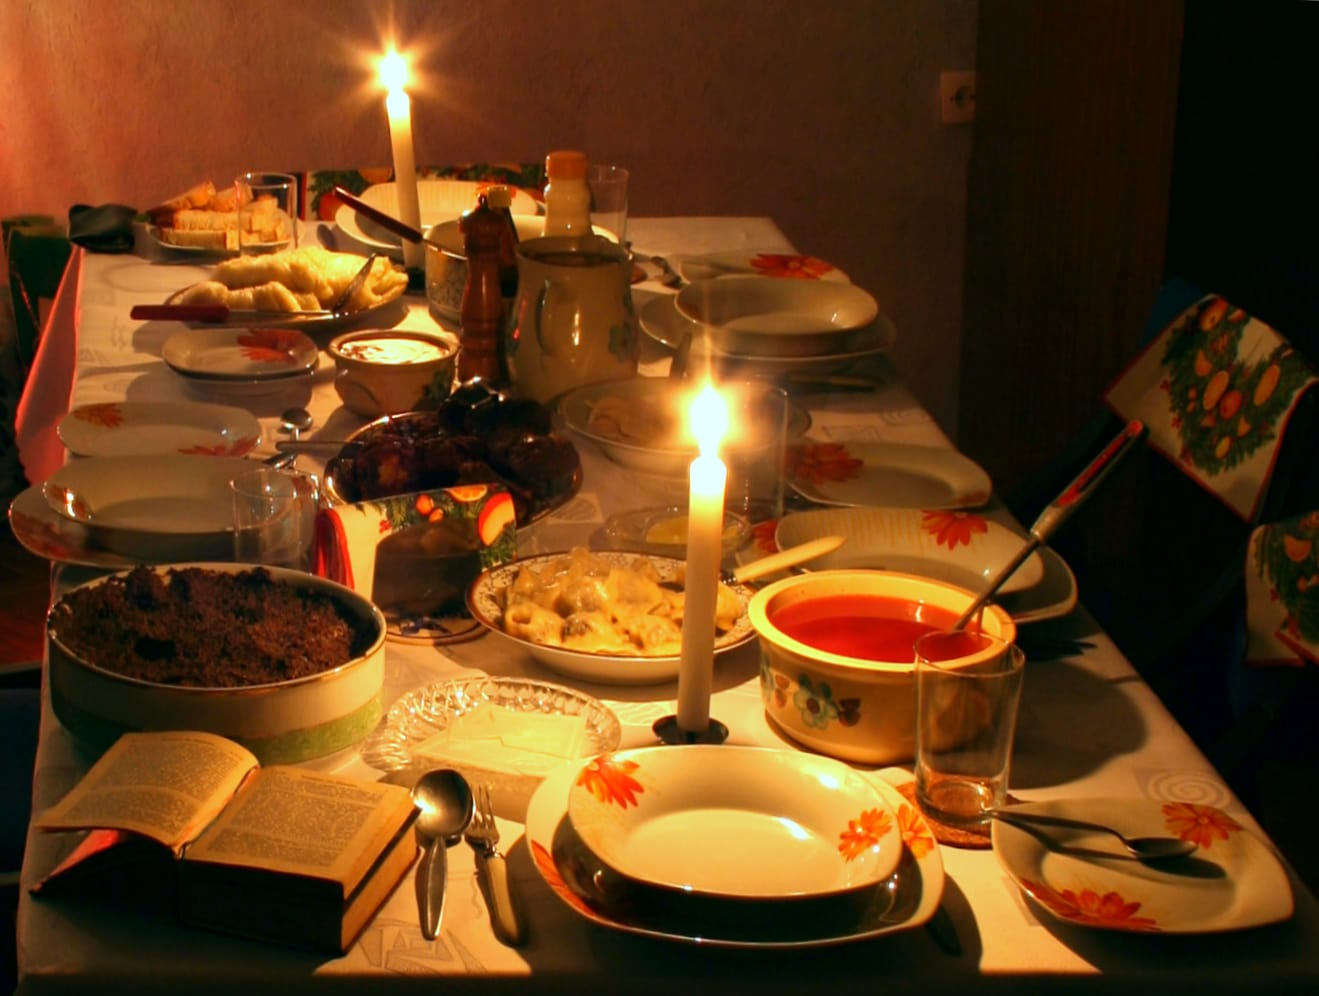 波蘭人相信已故親人會在這天回來團圓,開動前,每個人要拿著白色薄餅和家人兩兩互相剝餅祝福,圖片取自wikimedia。